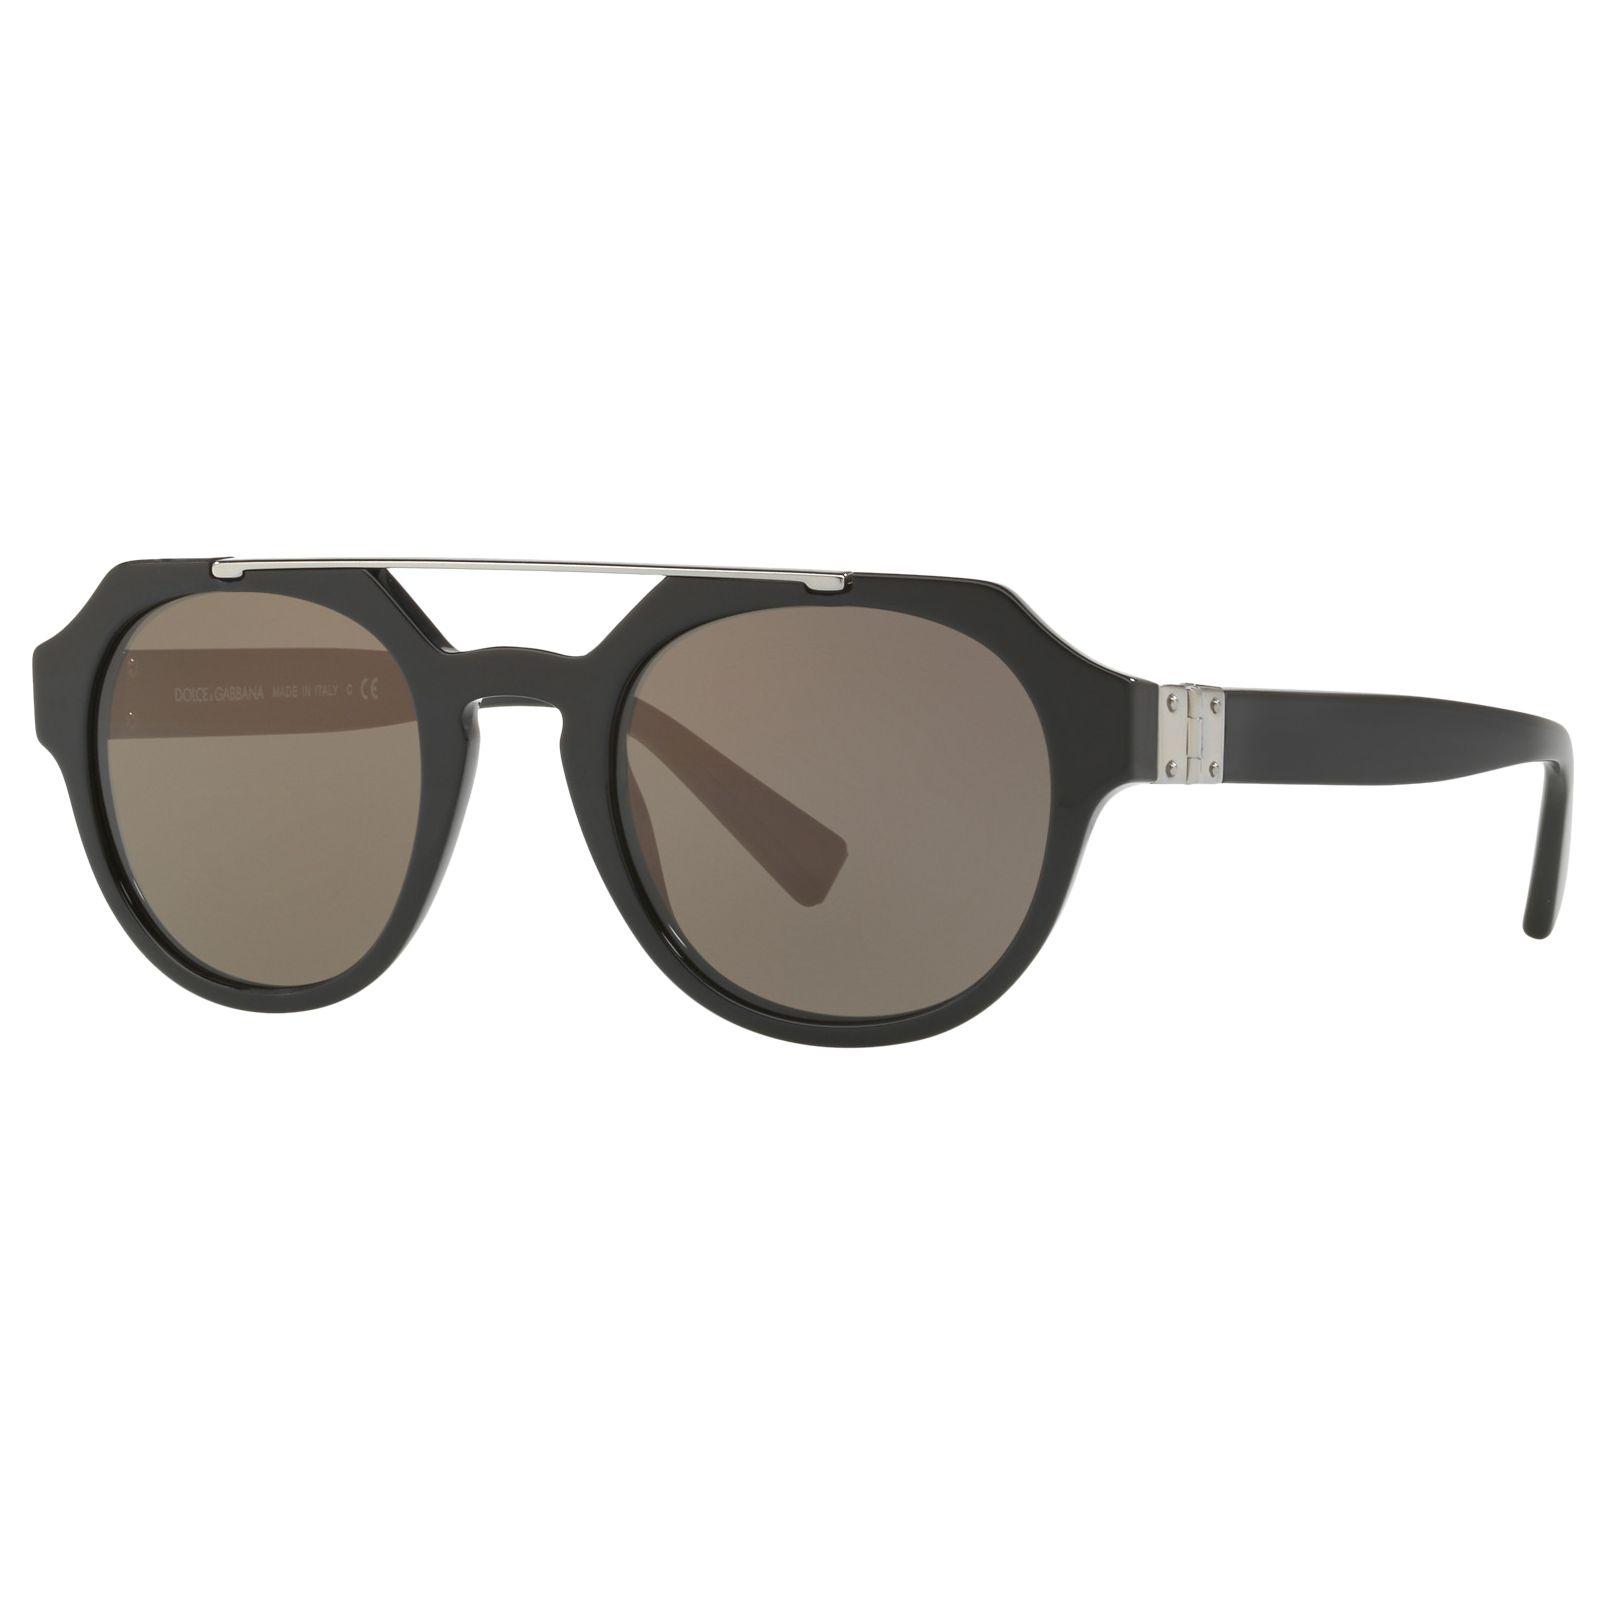 Dolce & Gabbana Dolce & Gabbana DG4313 Oval Sunglasses, Black/Brown